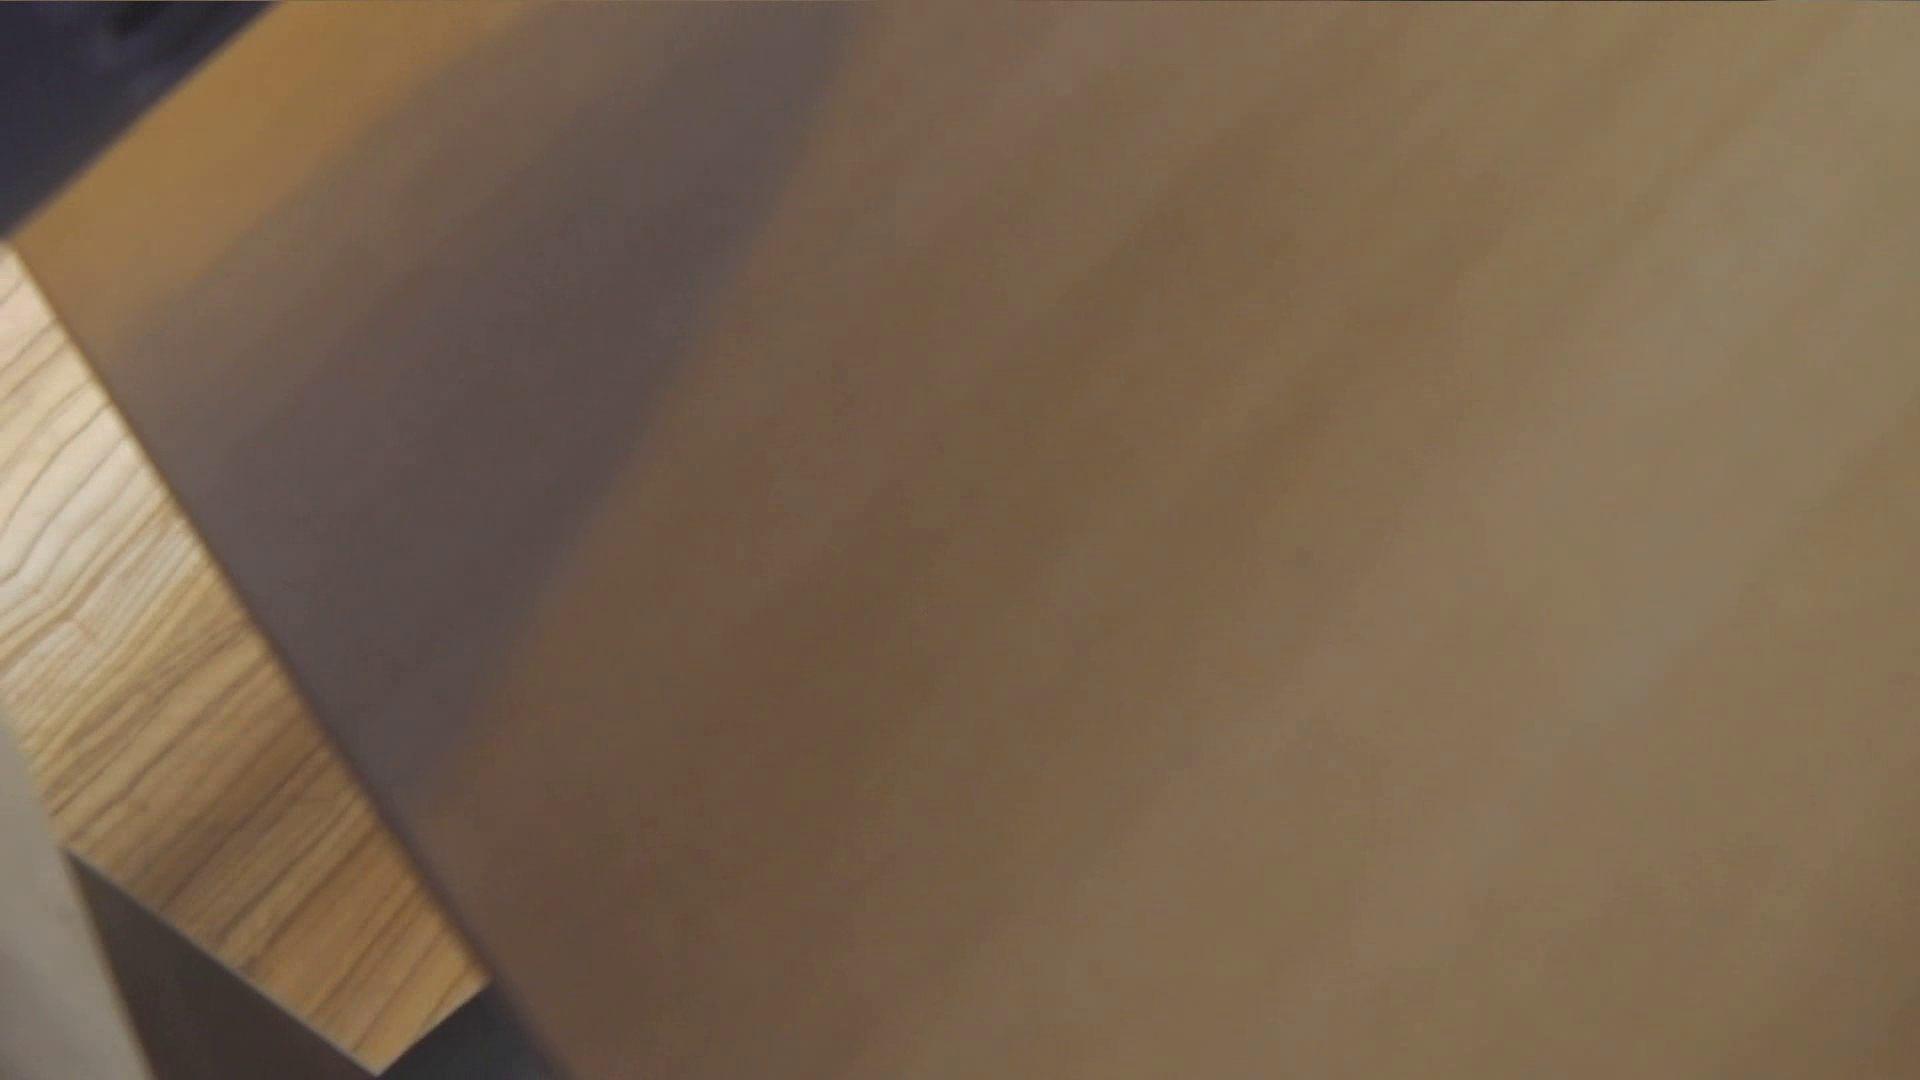 阿国ちゃんの「和式洋式七変化」No.17 Hな美女 オメコ動画キャプチャ 97pic 26